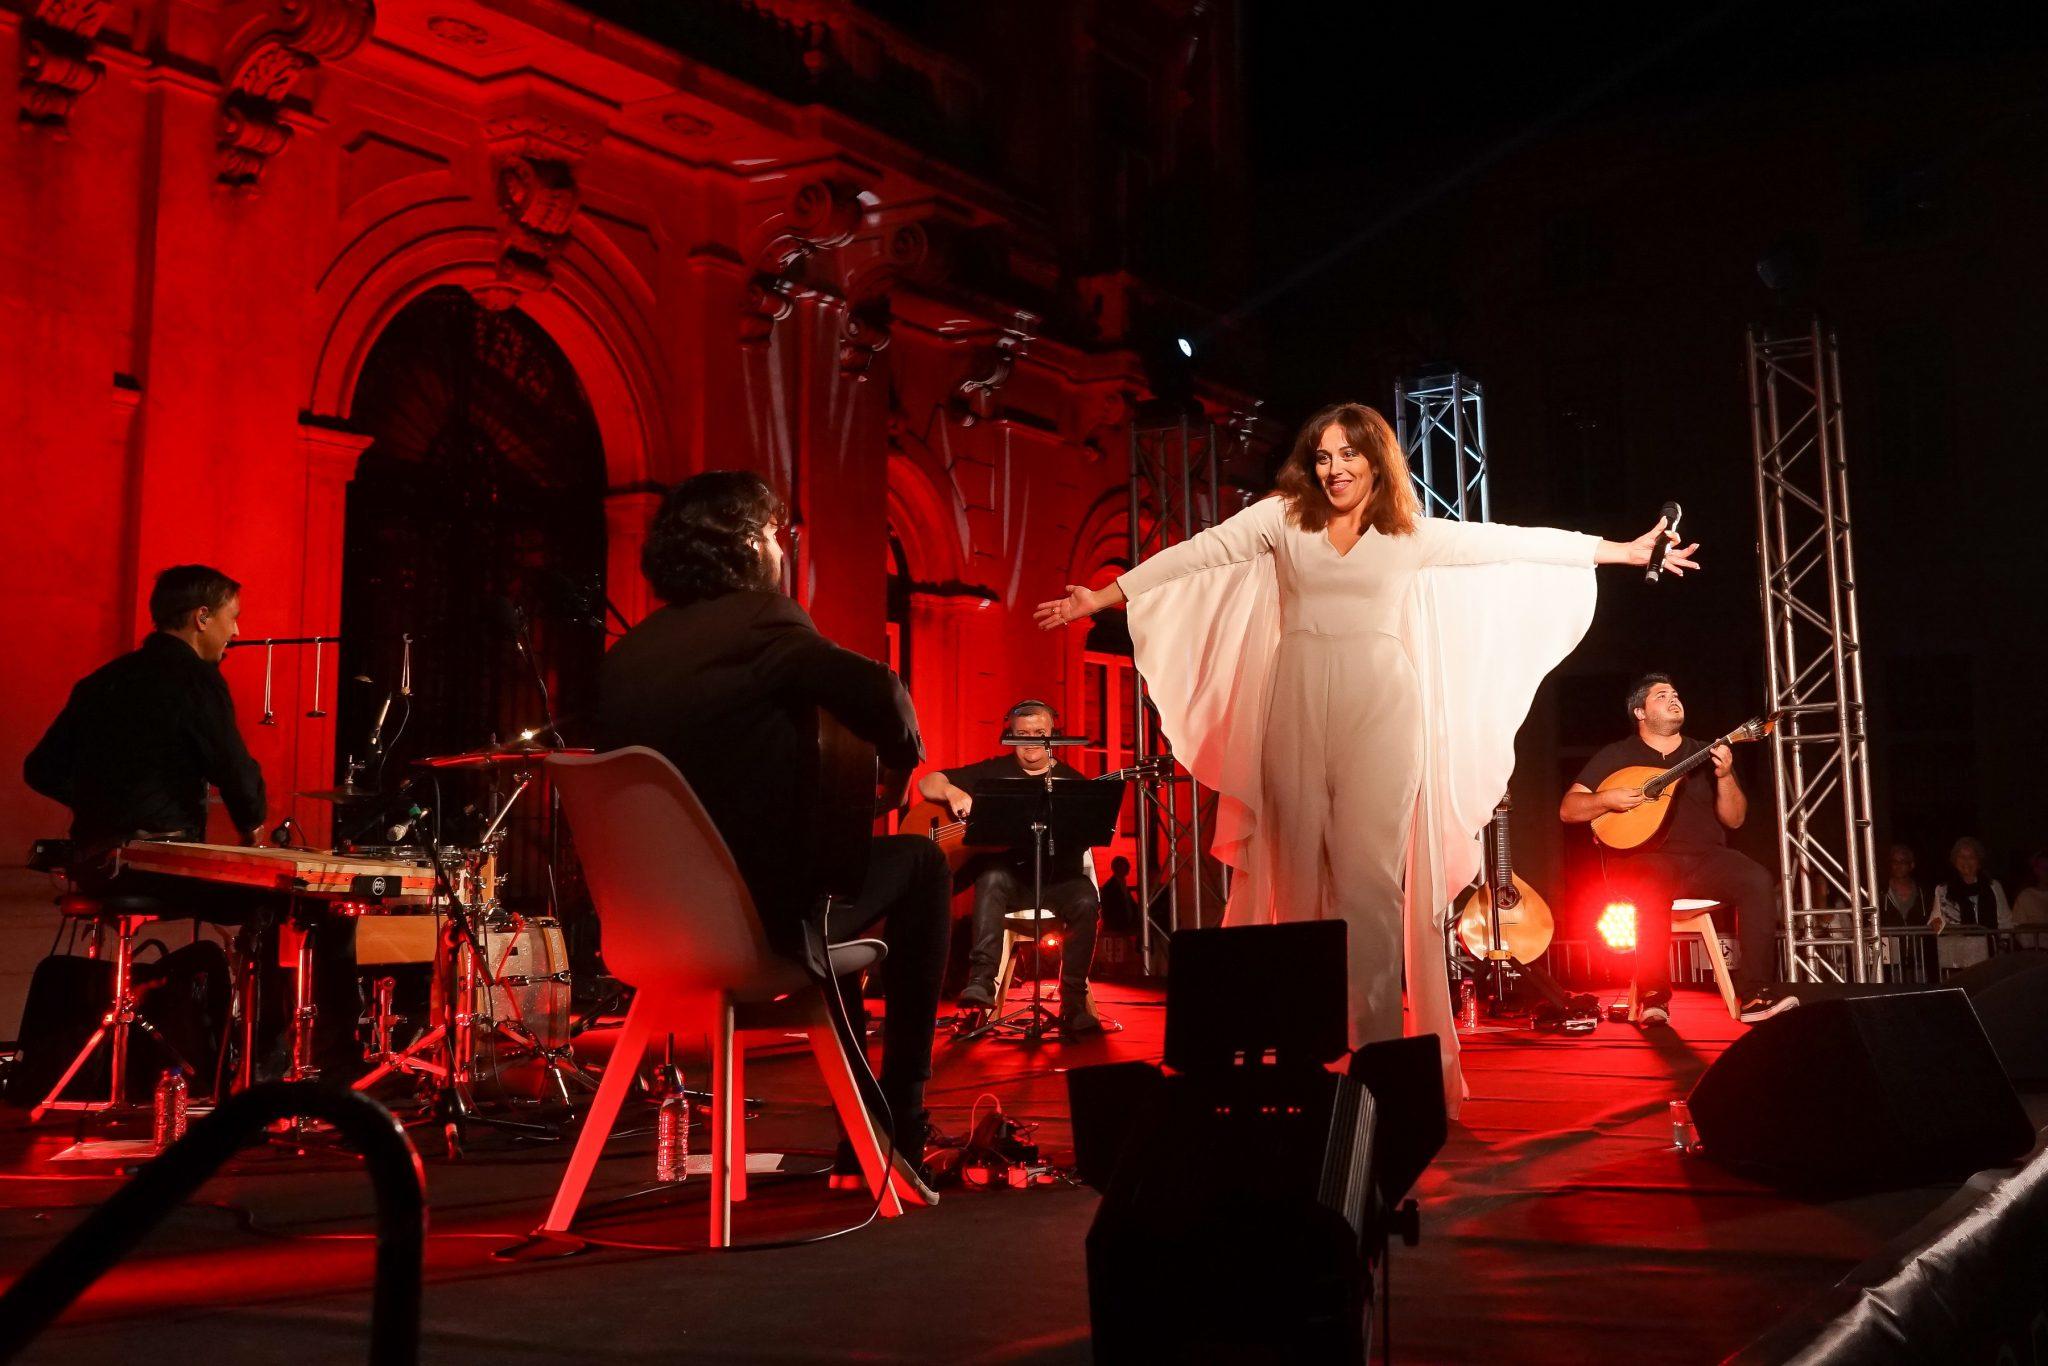 Fadista Sara Correia de braços abertos, virada para um dos quatro músicos que estiveram com ela em palco